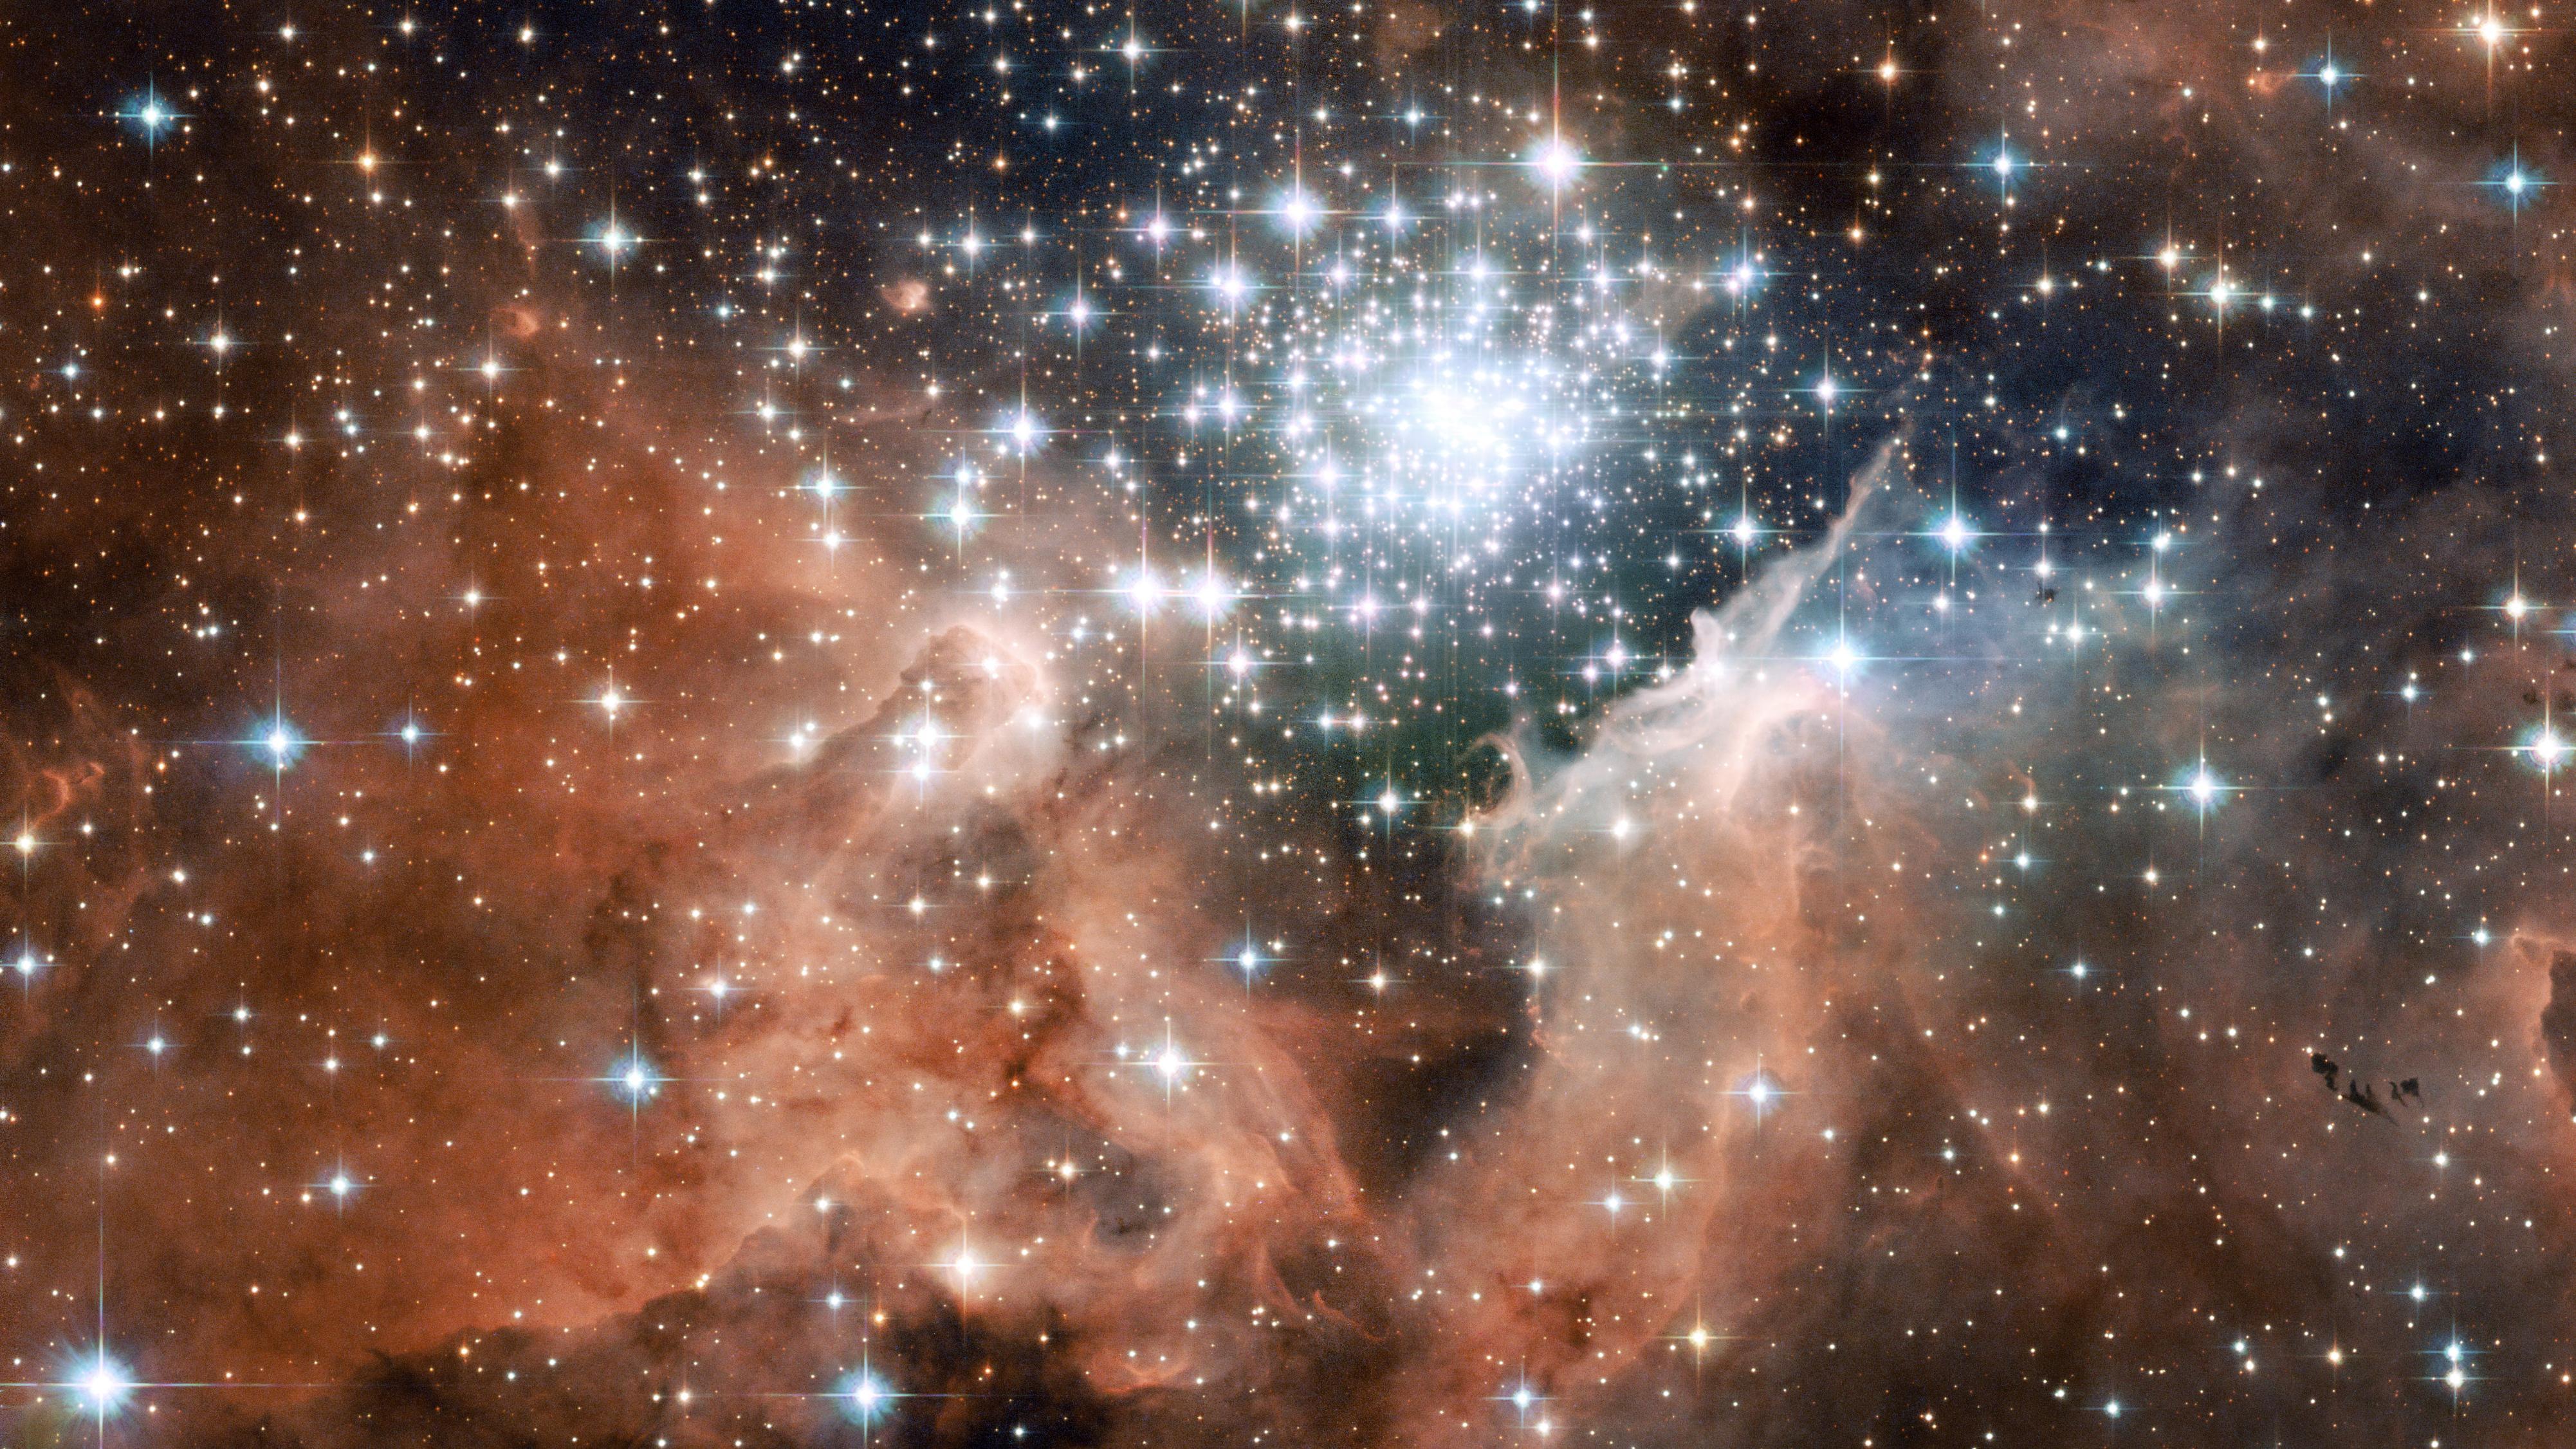 Resultado de imagen de En la imagen podemos contemplar  lo que se clasifica NGC 3603,  es un cúmulo abierto de estrellas en una vasta región estelar